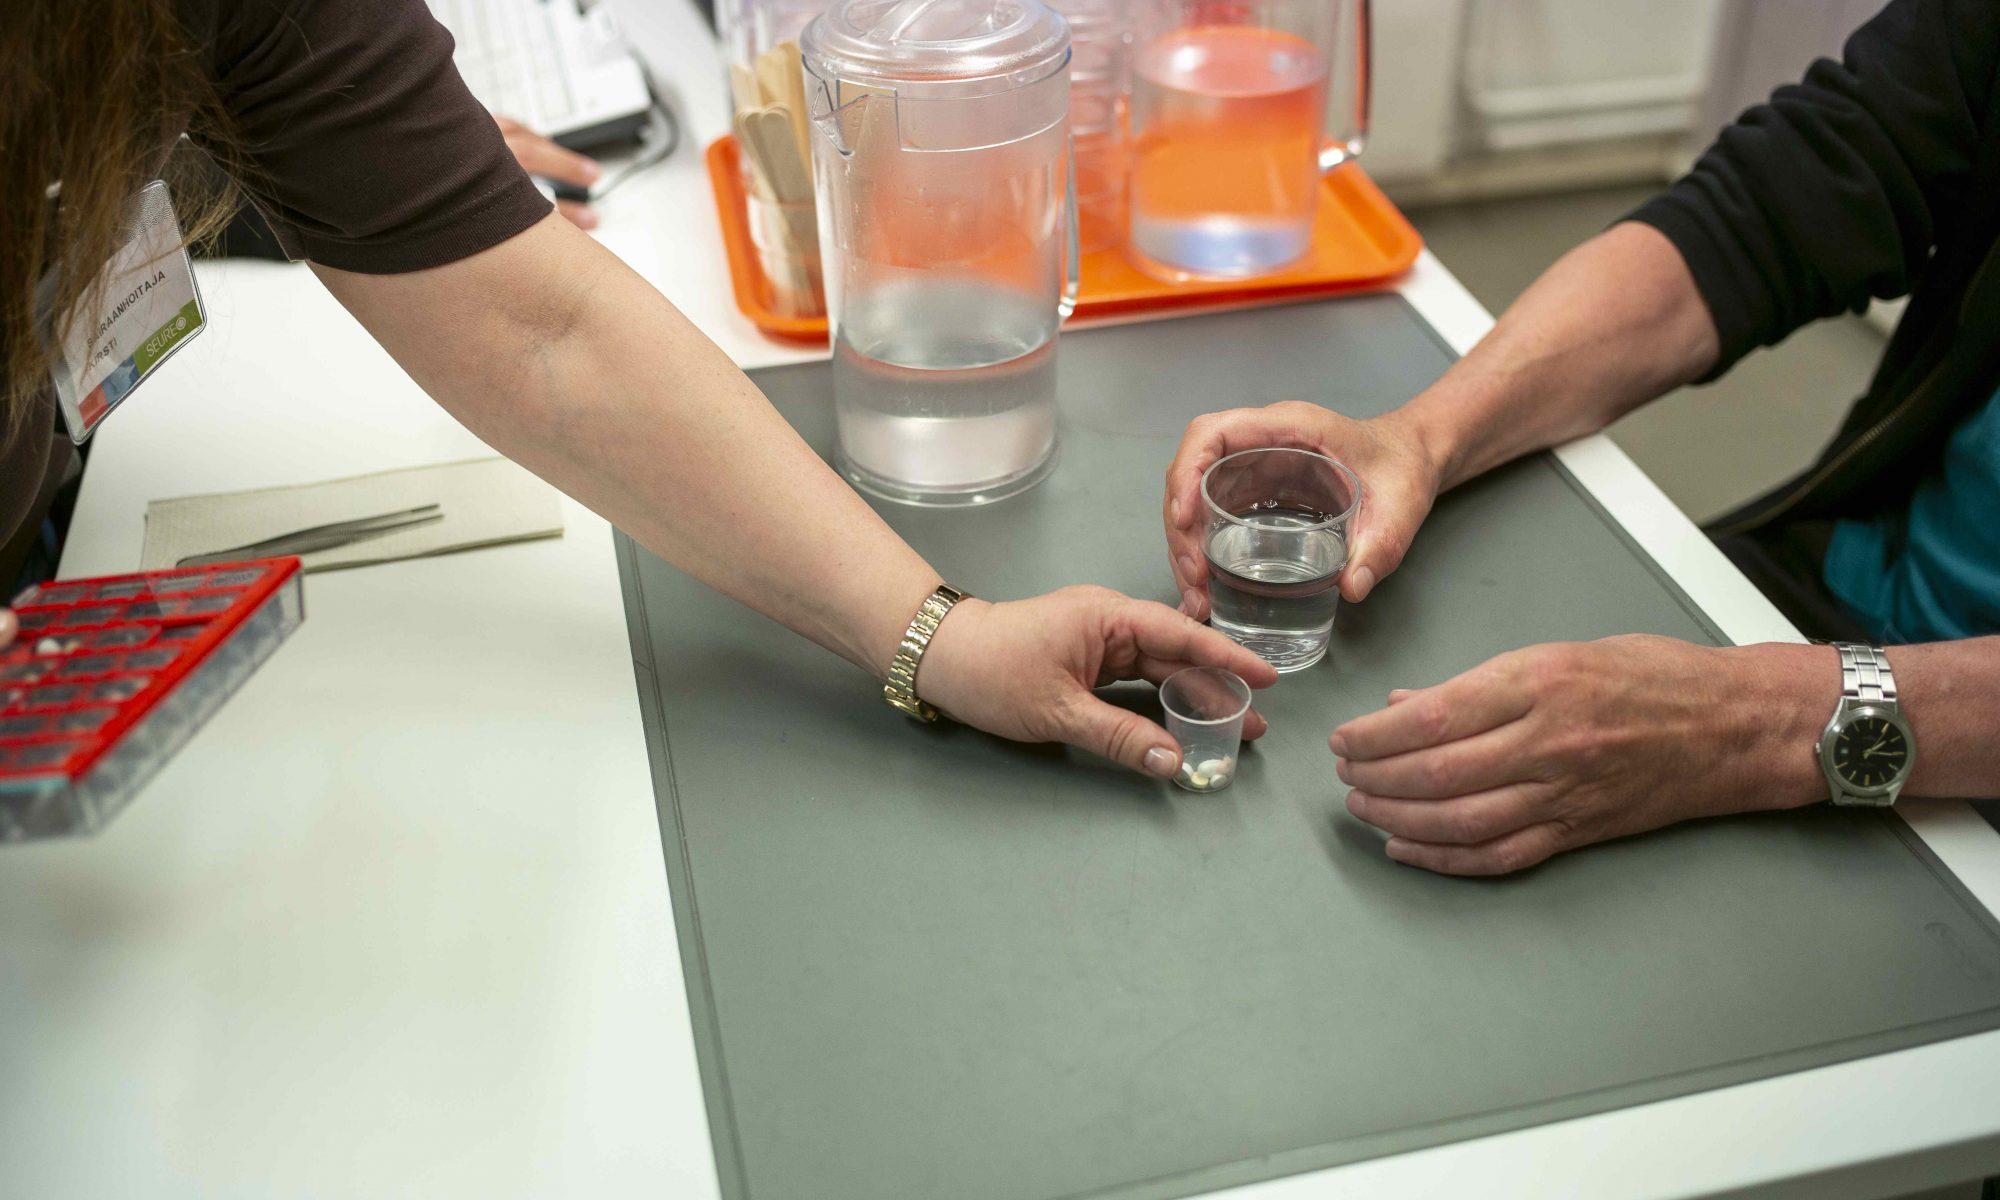 Hoitaja ojentaa vesilasia pitävälle ihmiselle lääkkeet pöydän ääressä